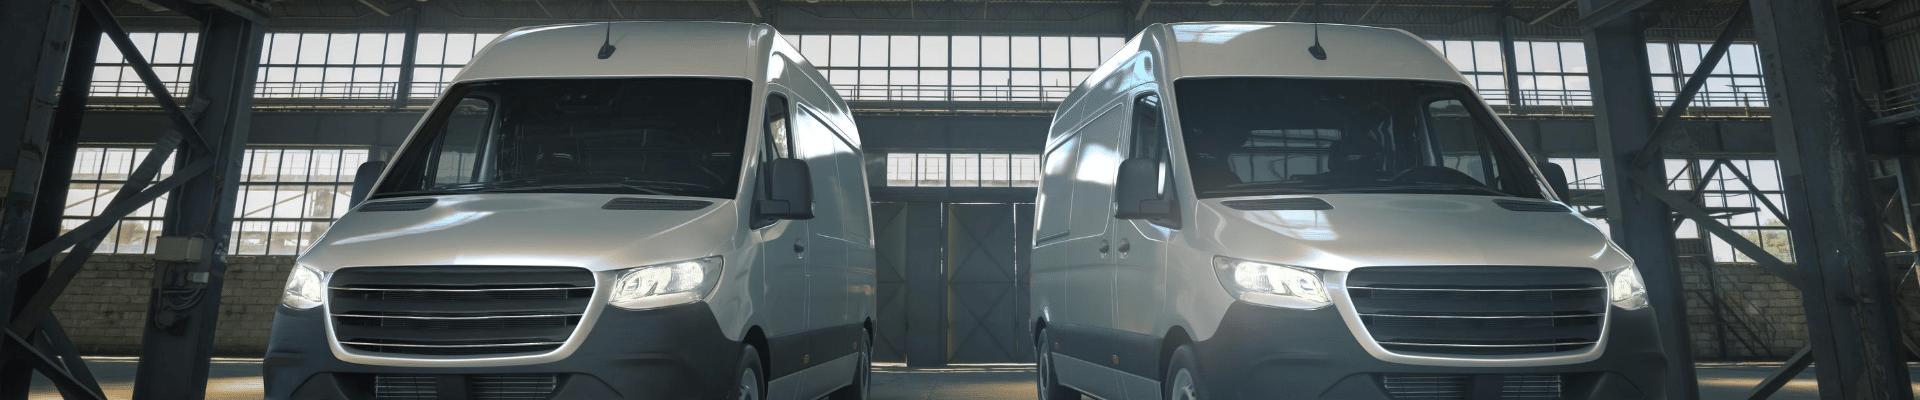 Vehicle Defence. Fleet Vans